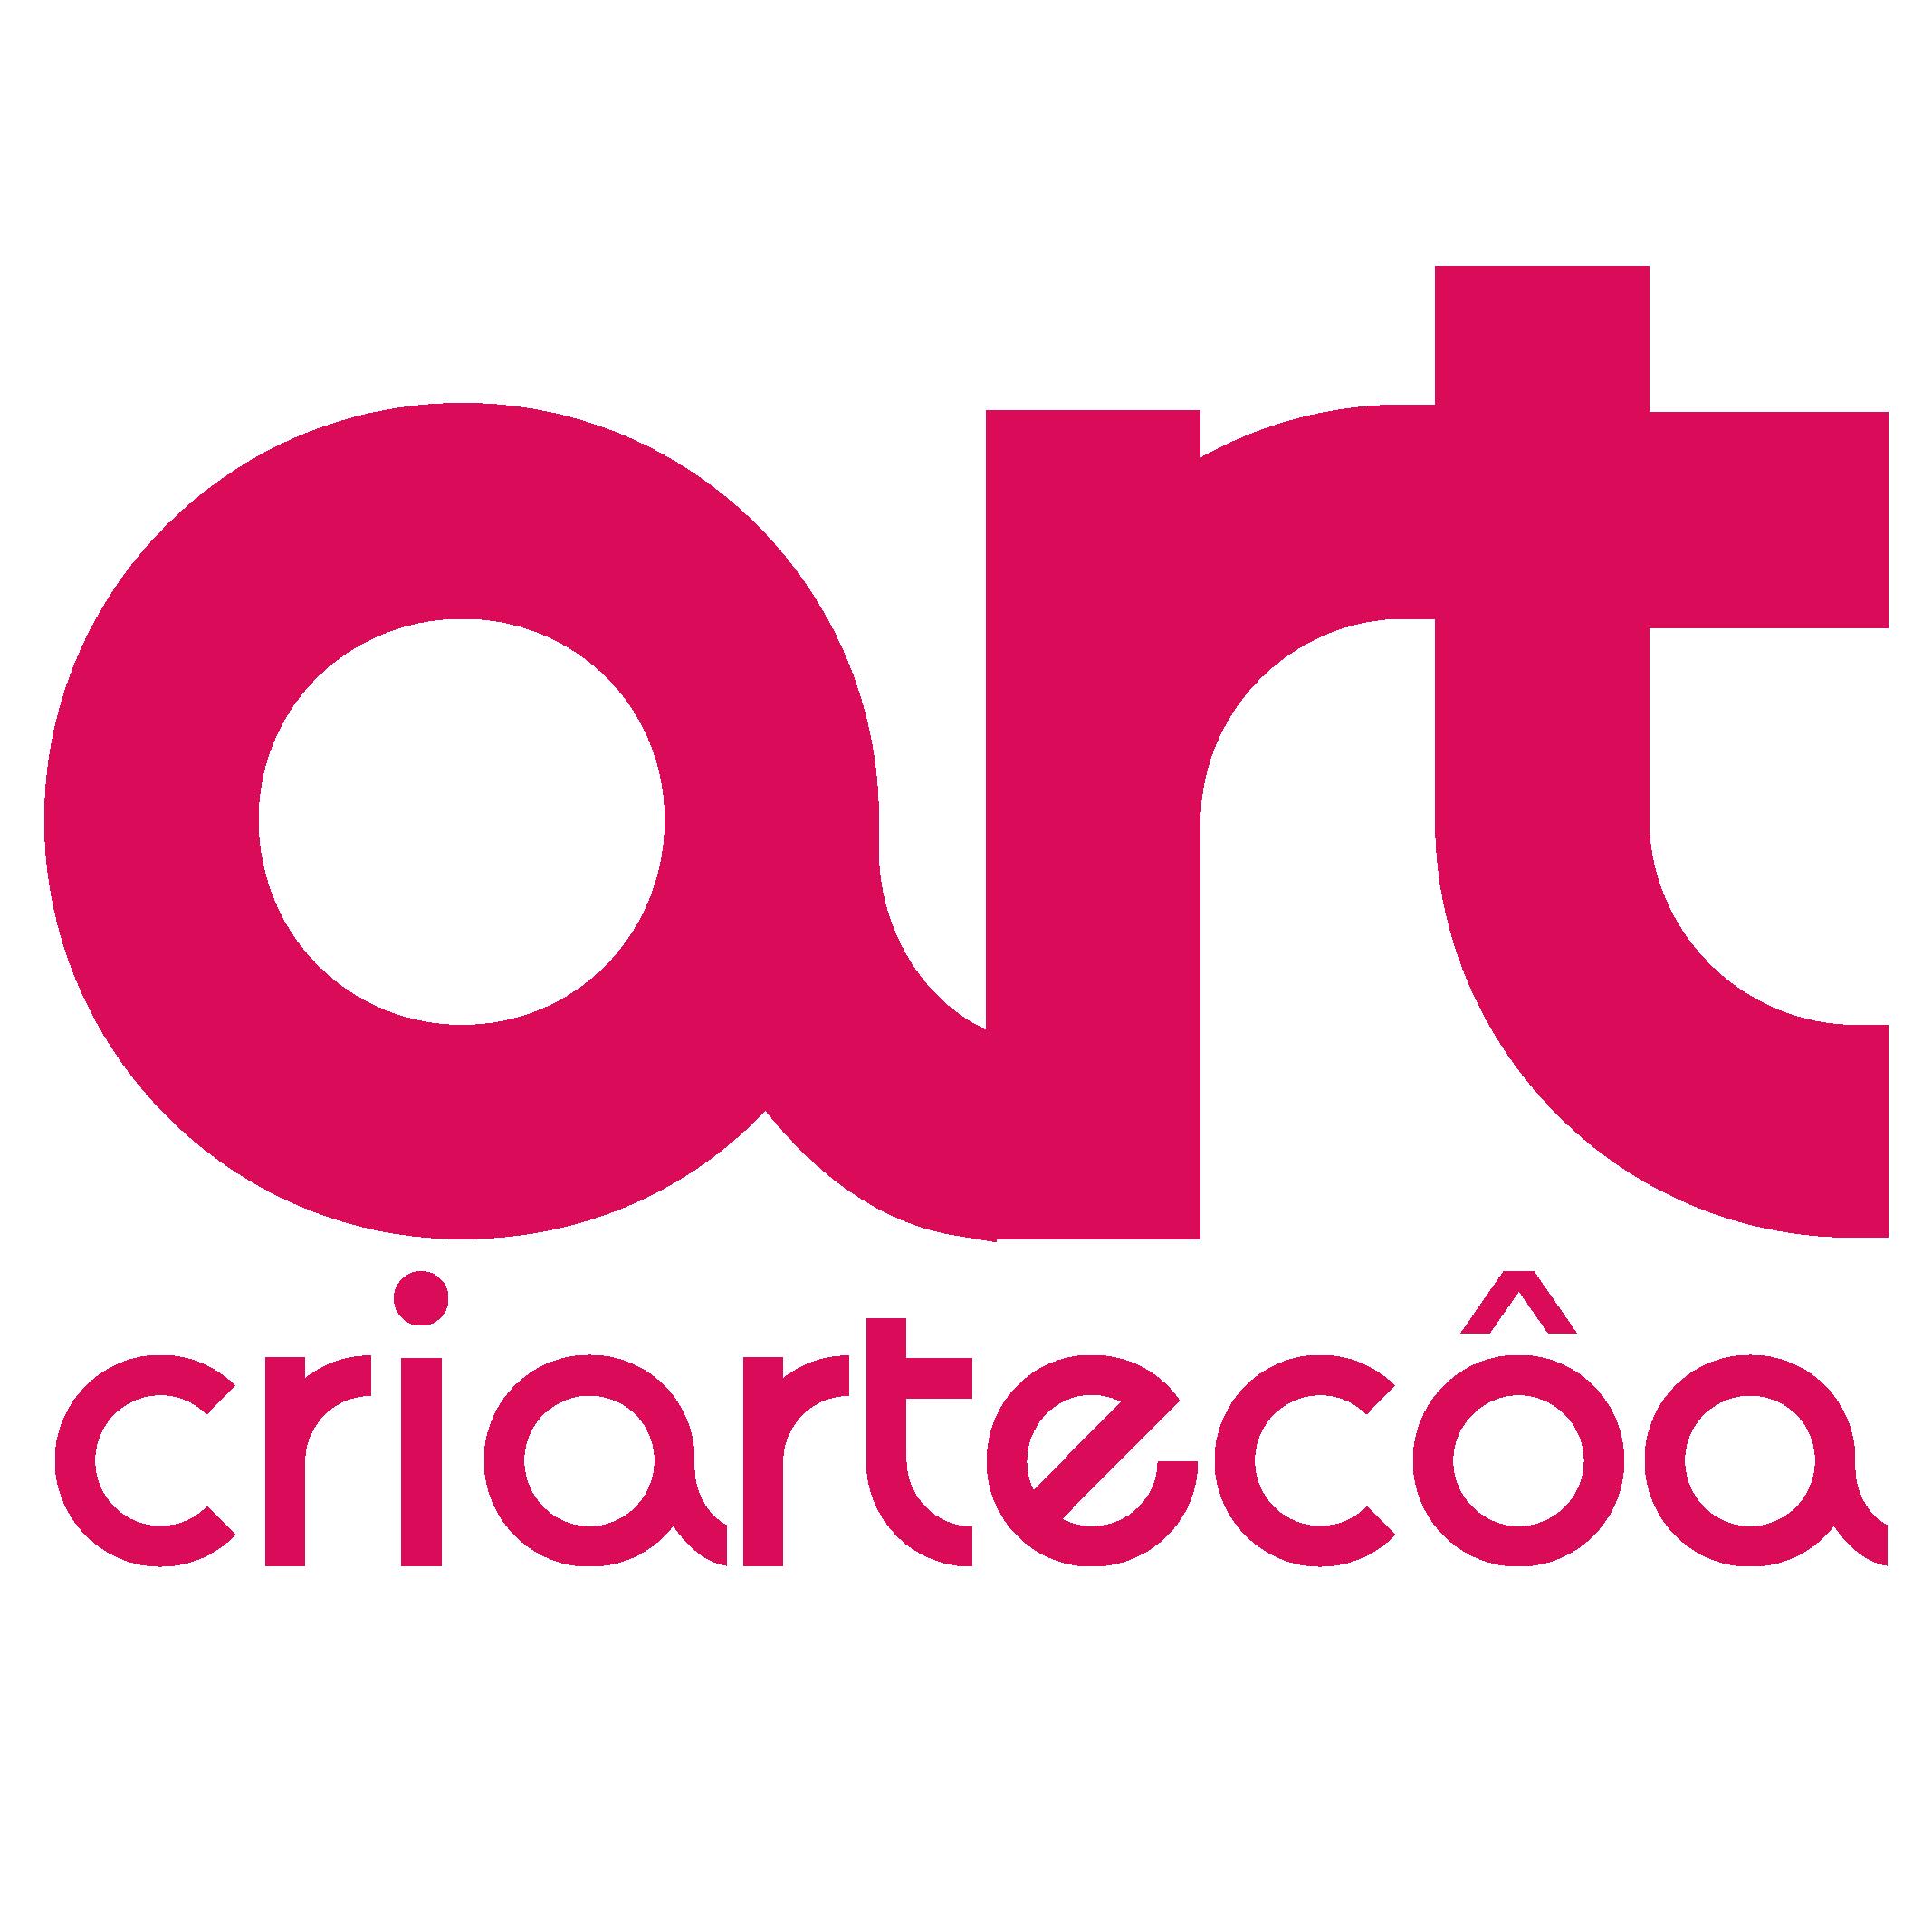 Criartecoa